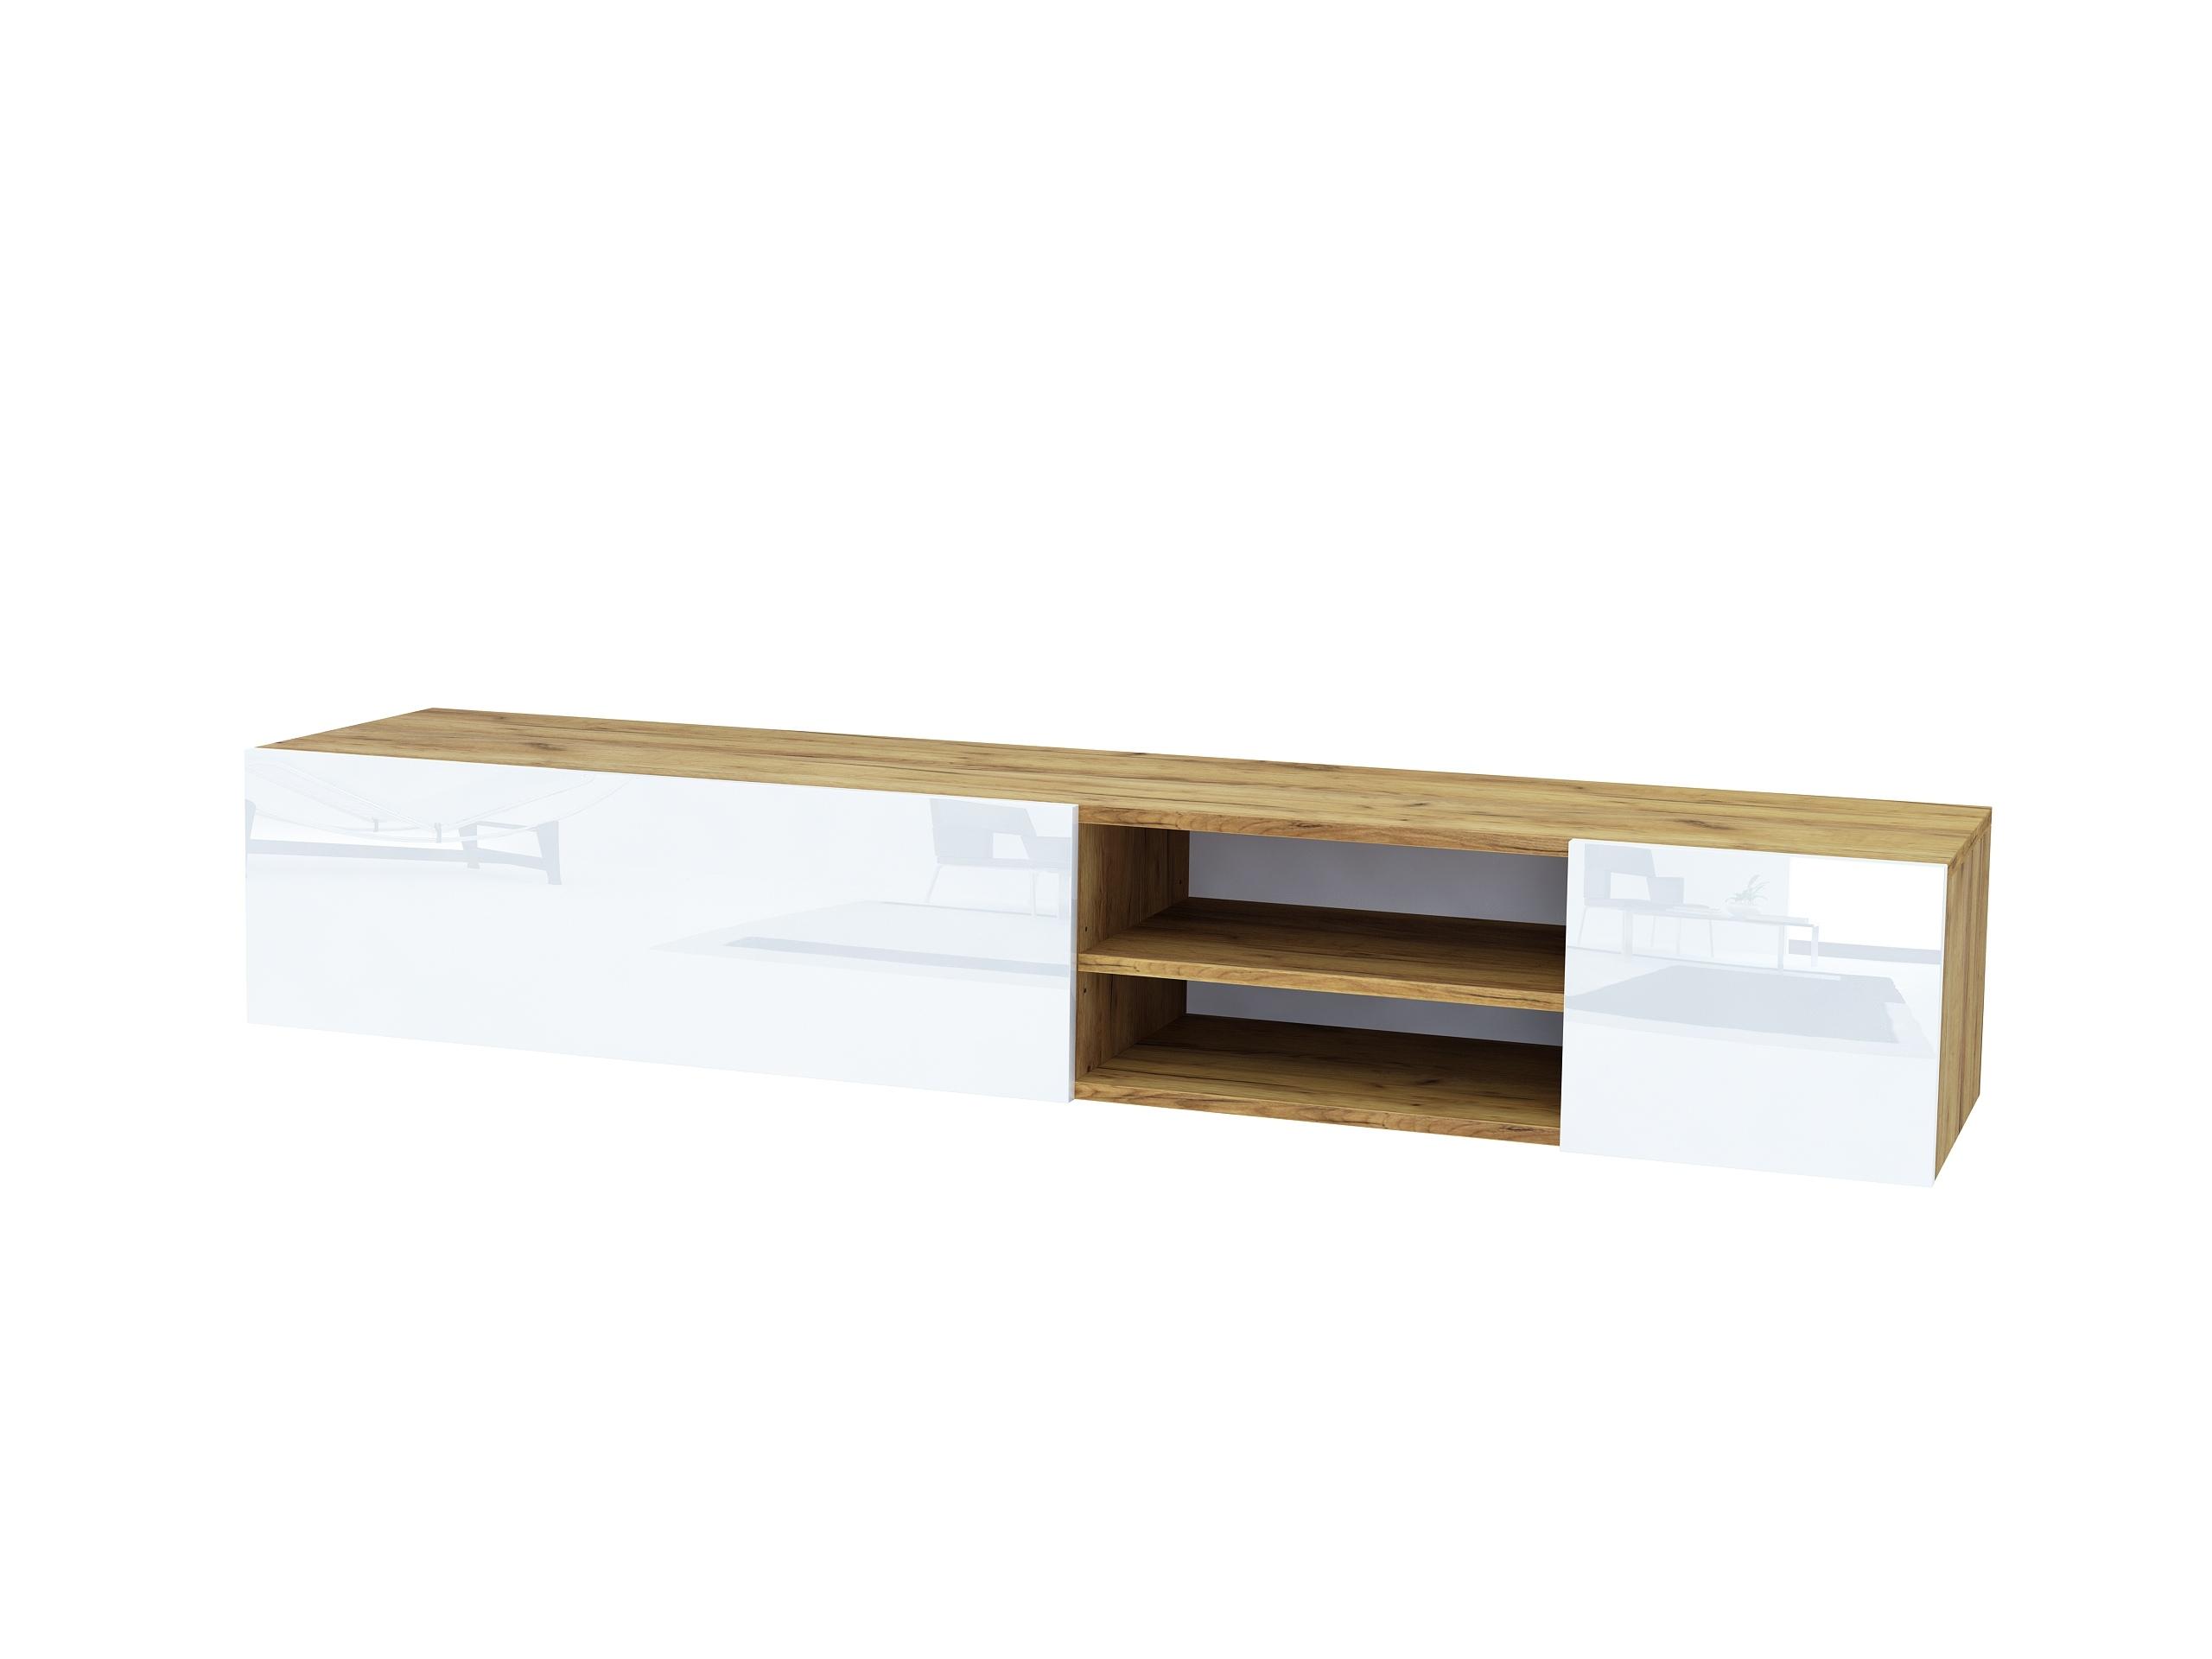 dąb złoty, dąb craft złoty, biały wysoki połysk, wisząca szafka rtv, stojąca szafka tv